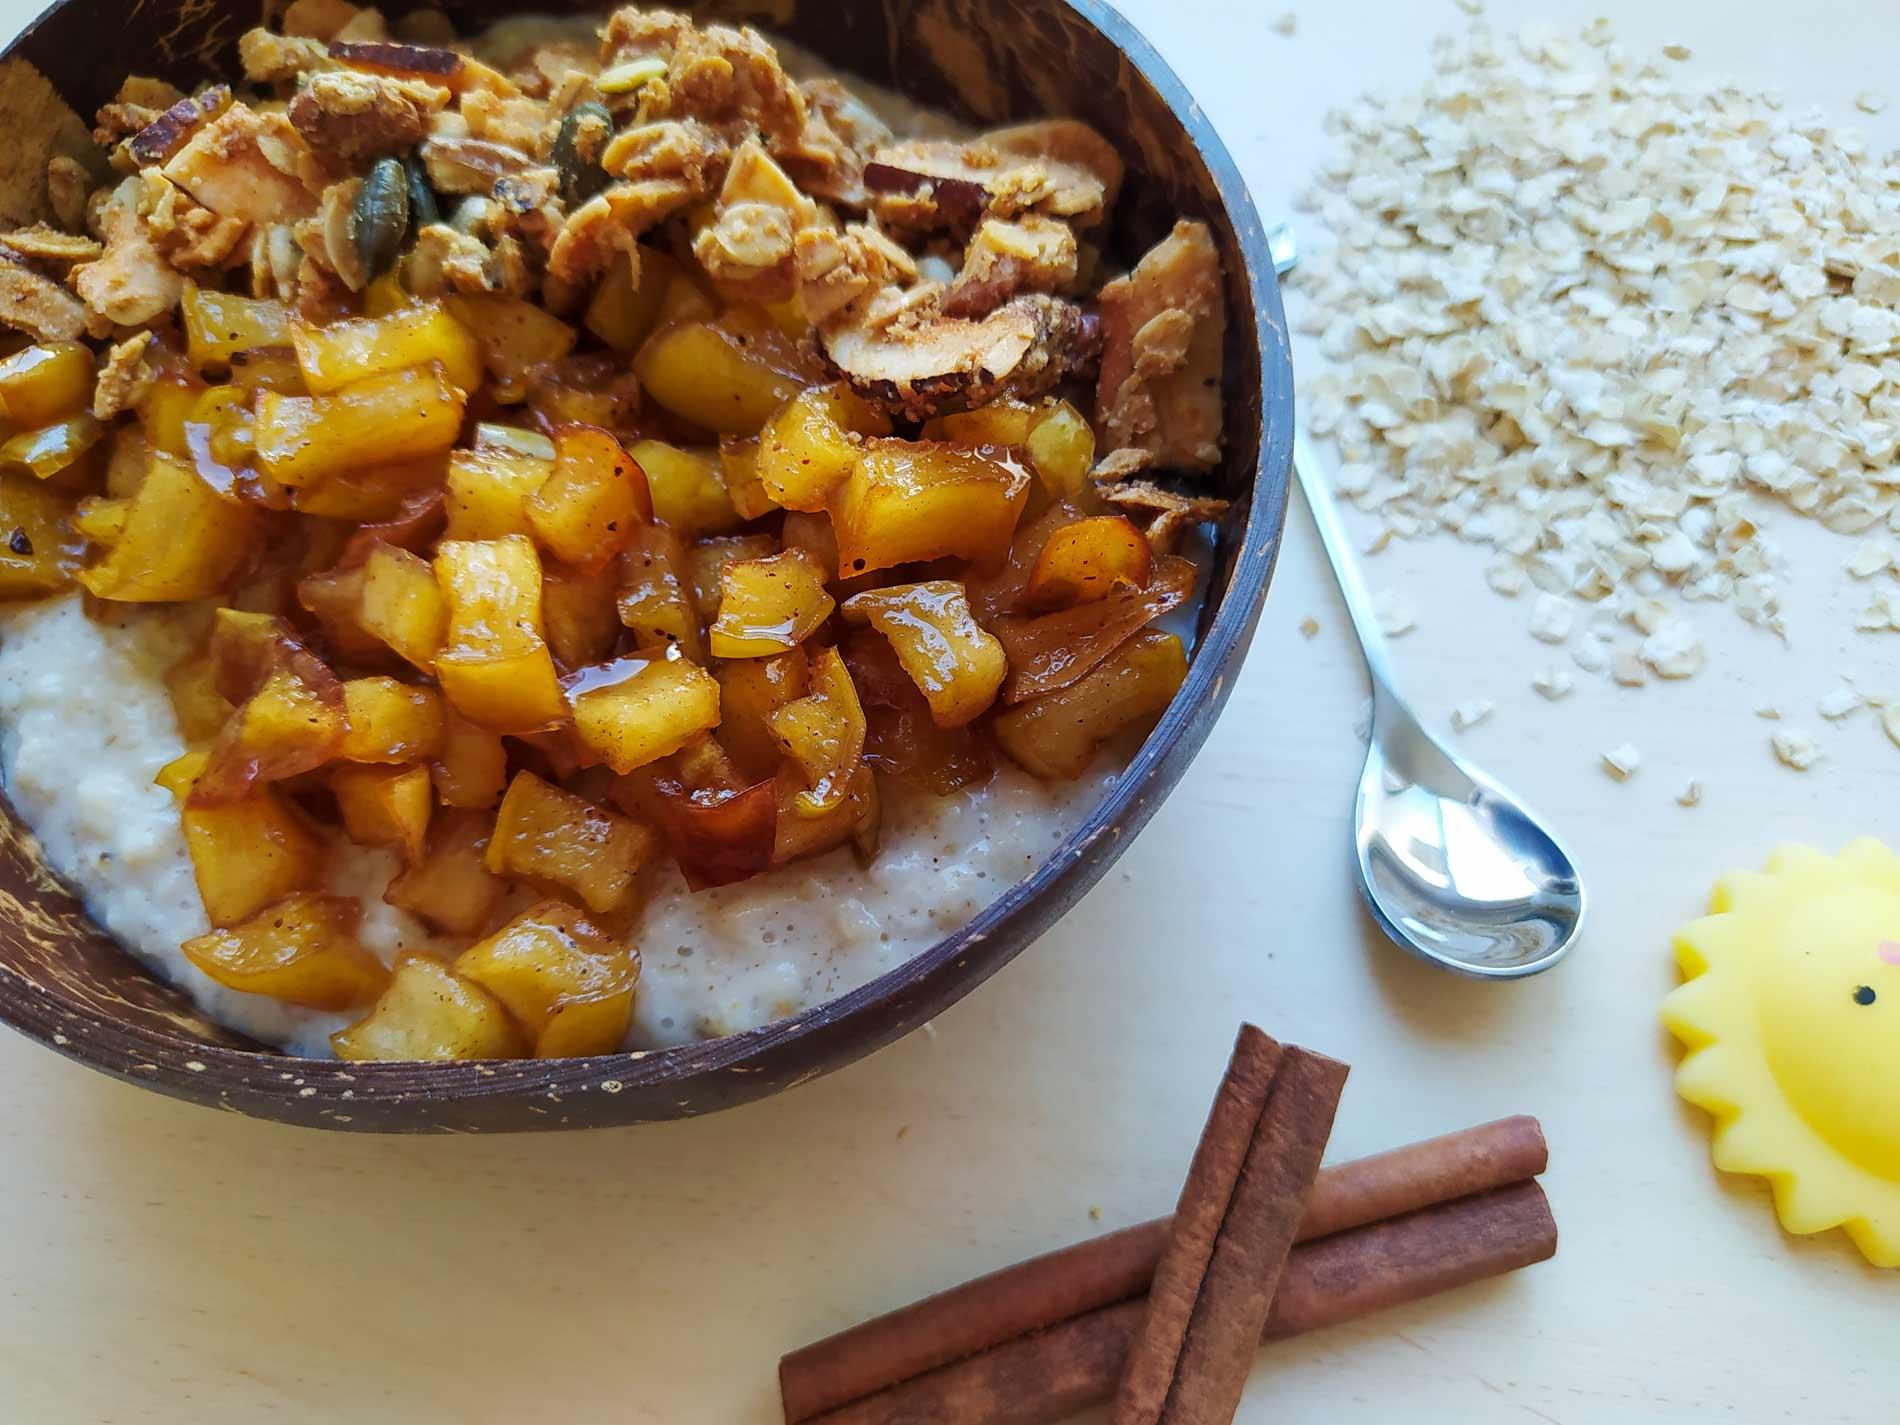 דייסת קוואקר בטעם פאי תפוחים